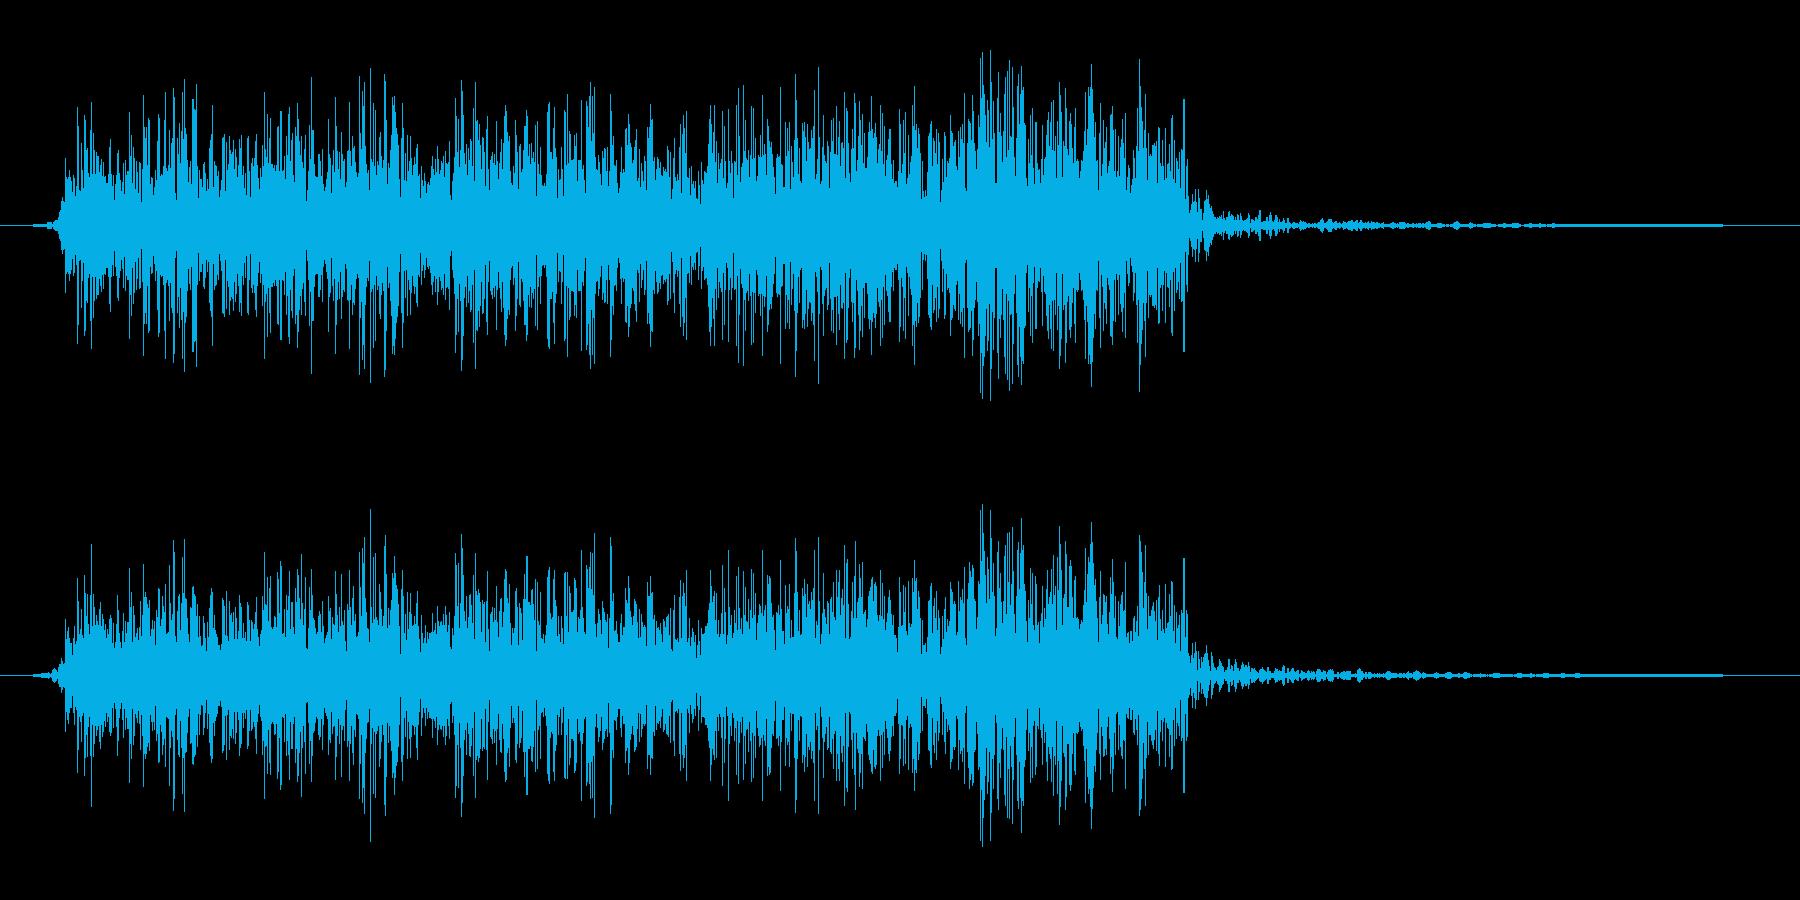 火炎放射器 ロングヘビーシングル01の再生済みの波形